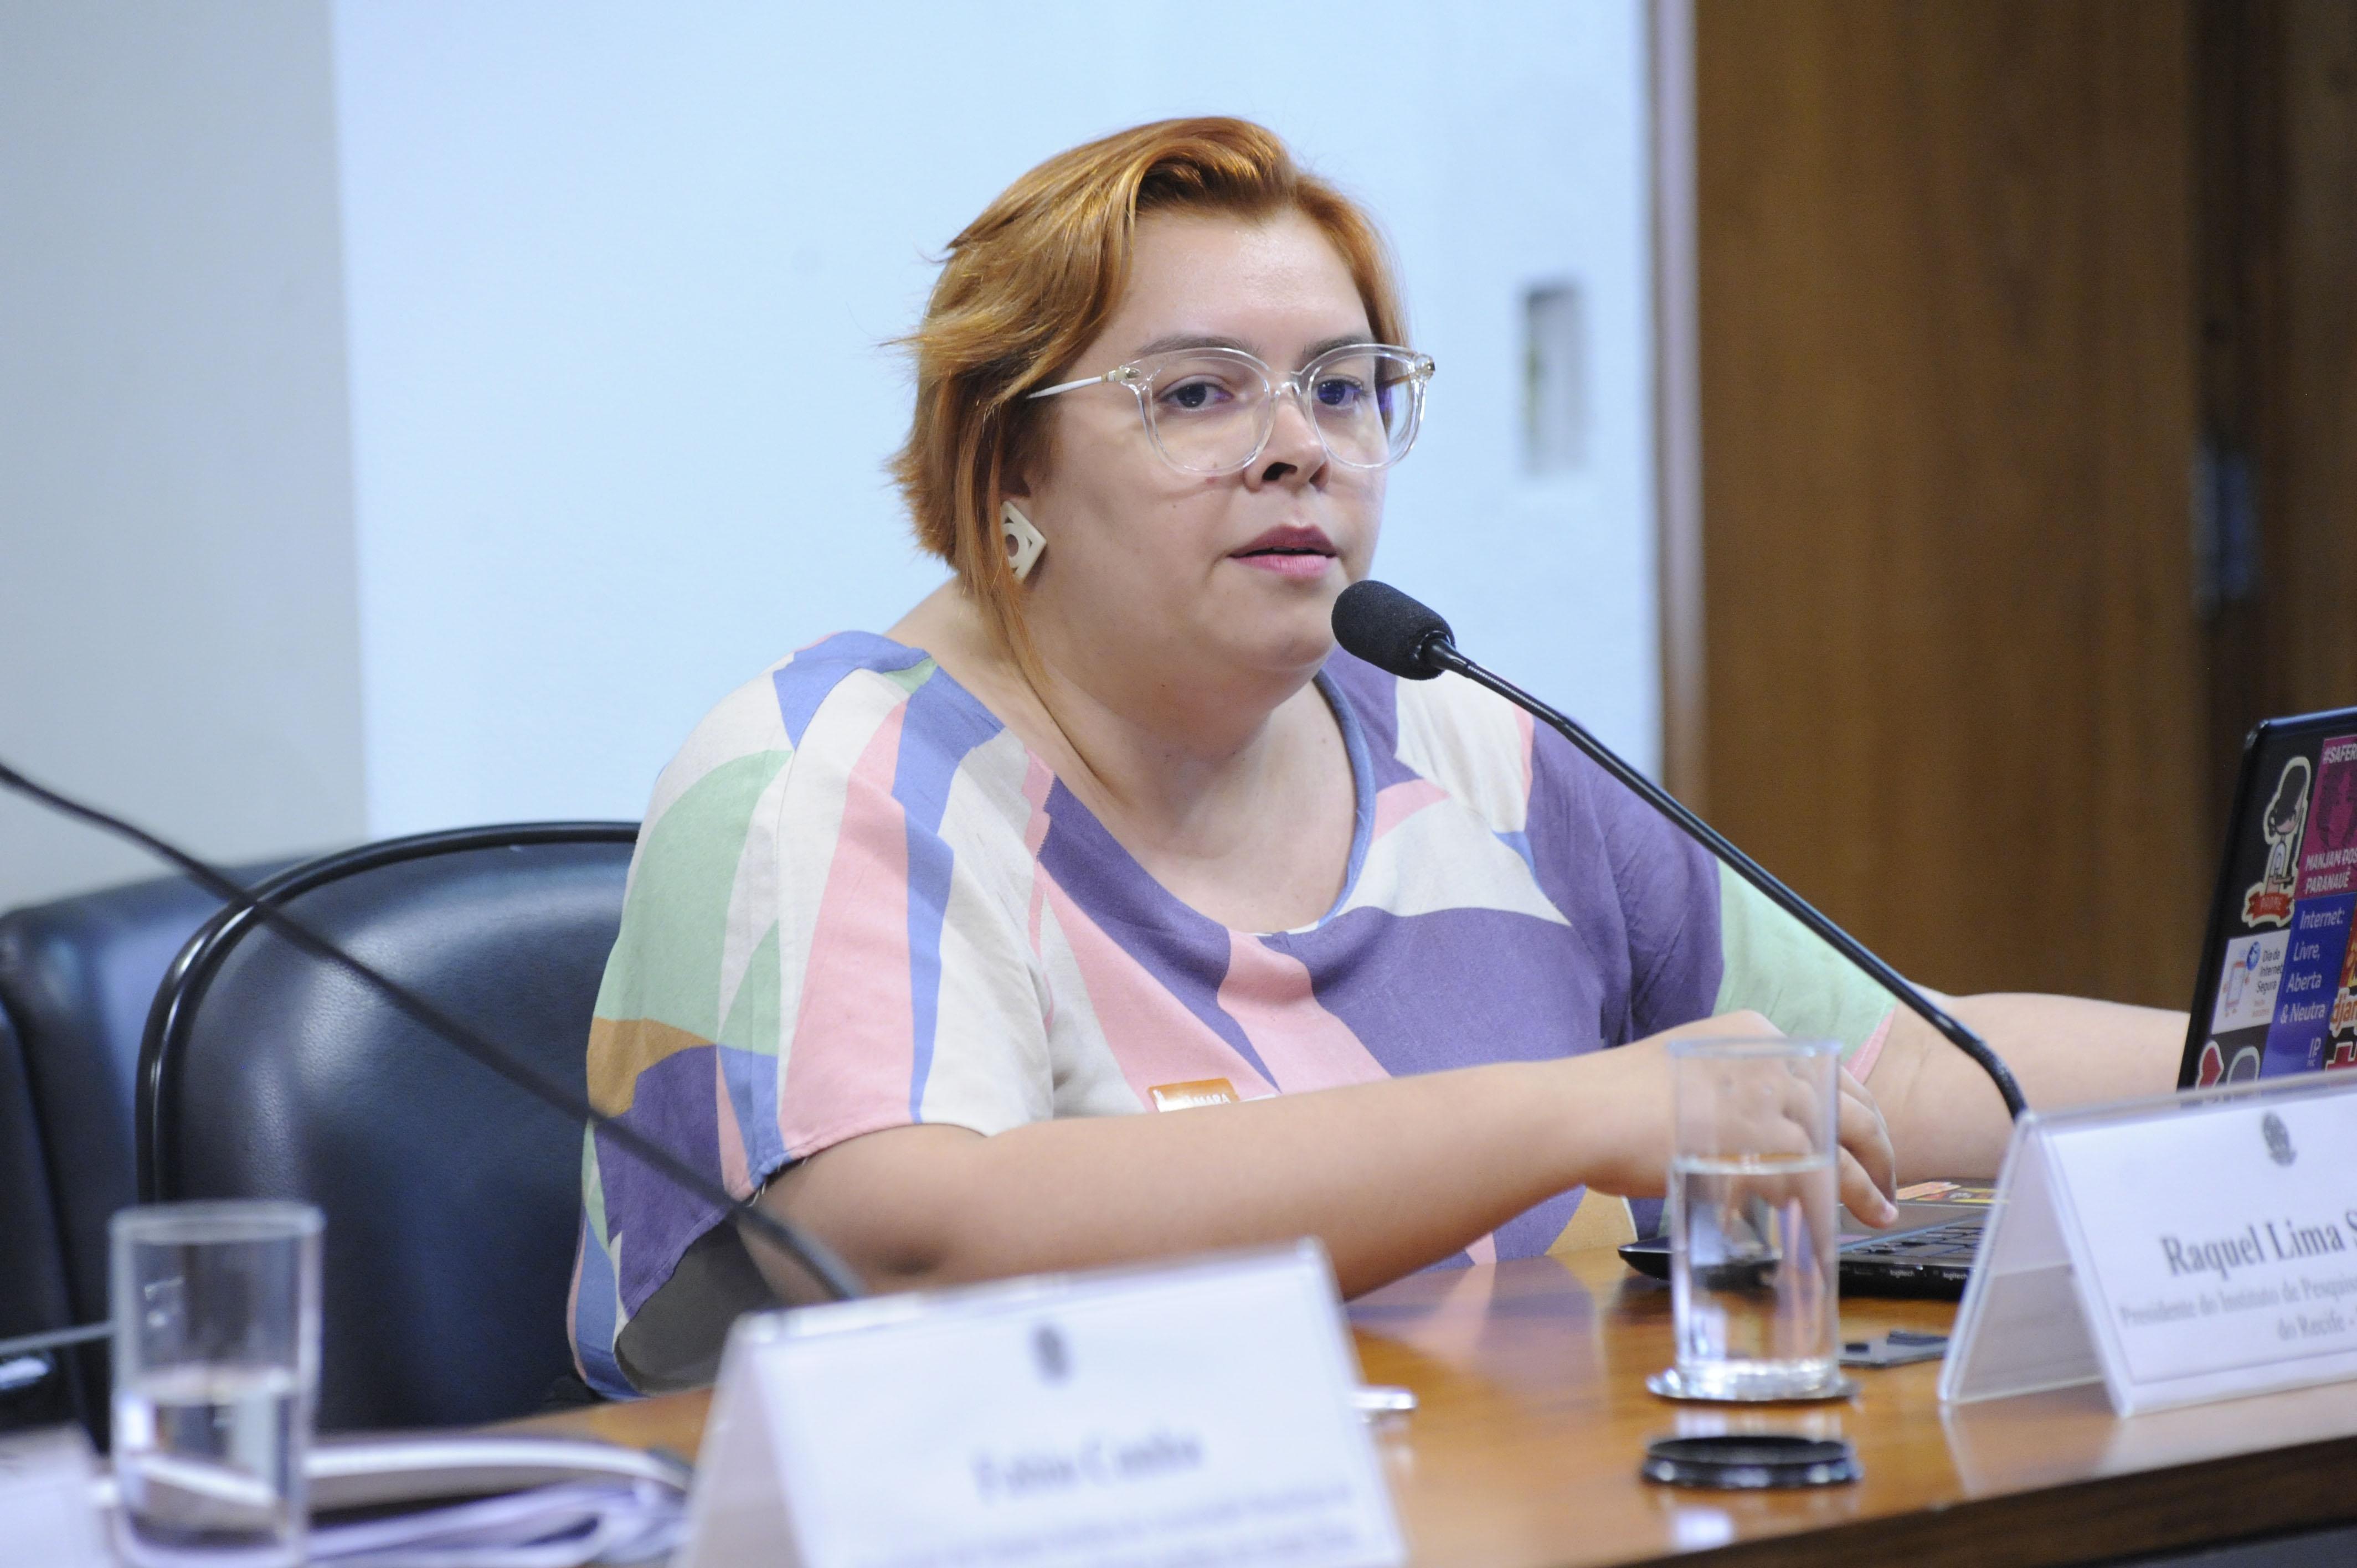 Comissão Mista sobre a MP 869/18, para dispor sobre a Proteção de Dados Pessoais e para criar a Autoridade Nacional de Proteção de Dados. Presidente do IP. Rec., Raquel Lima Saraiva